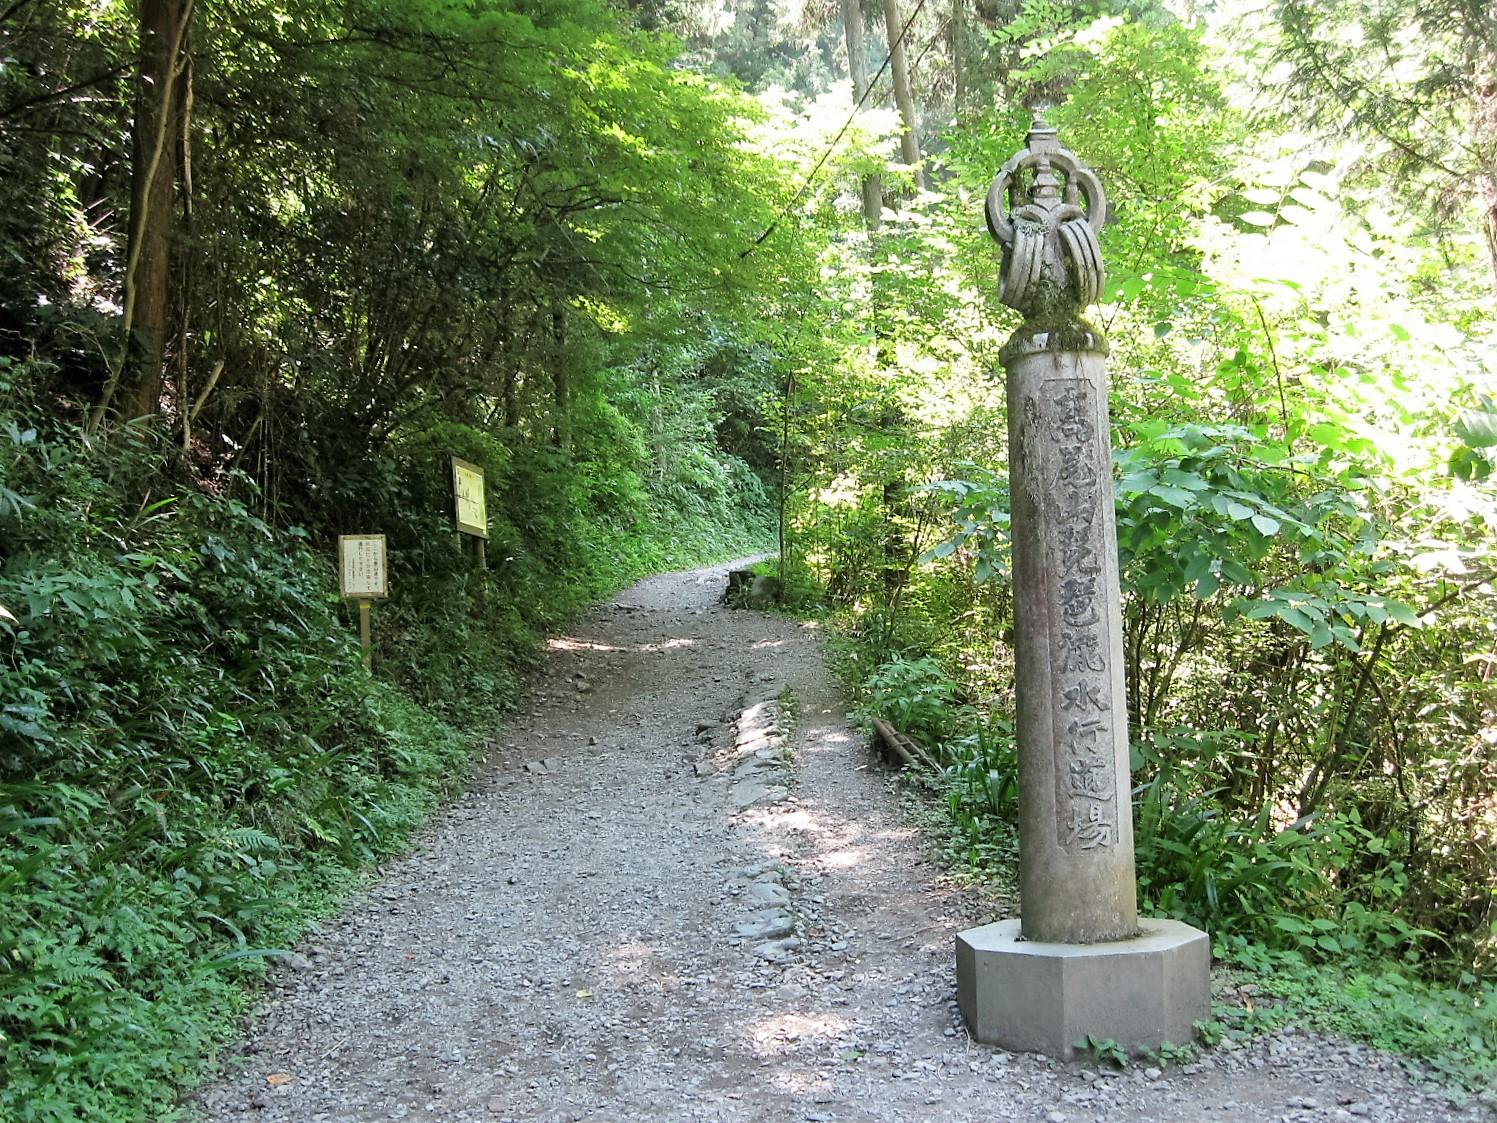 高尾山 号路 ダイエット ウォーキング 景色 吊り橋 頂上